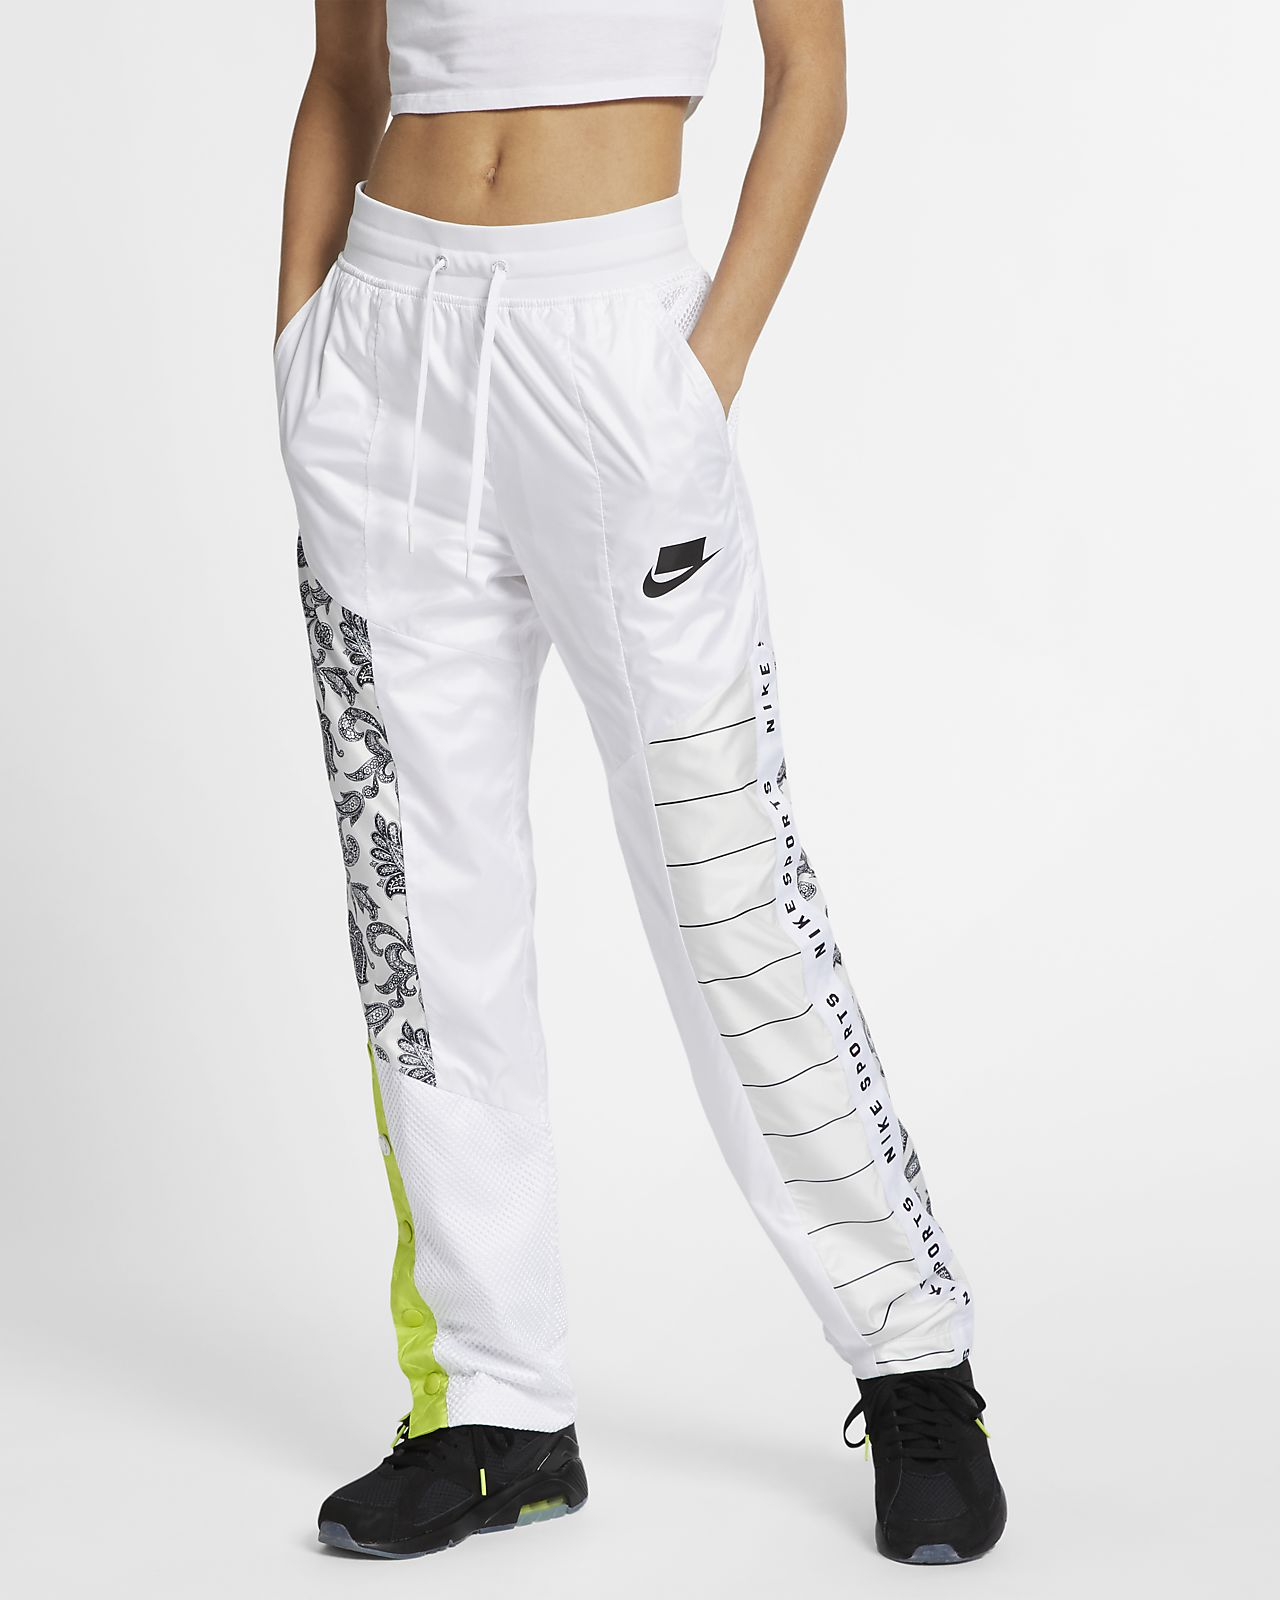 Nike Sportswear NSW Women's Woven Tracksuit Bottoms